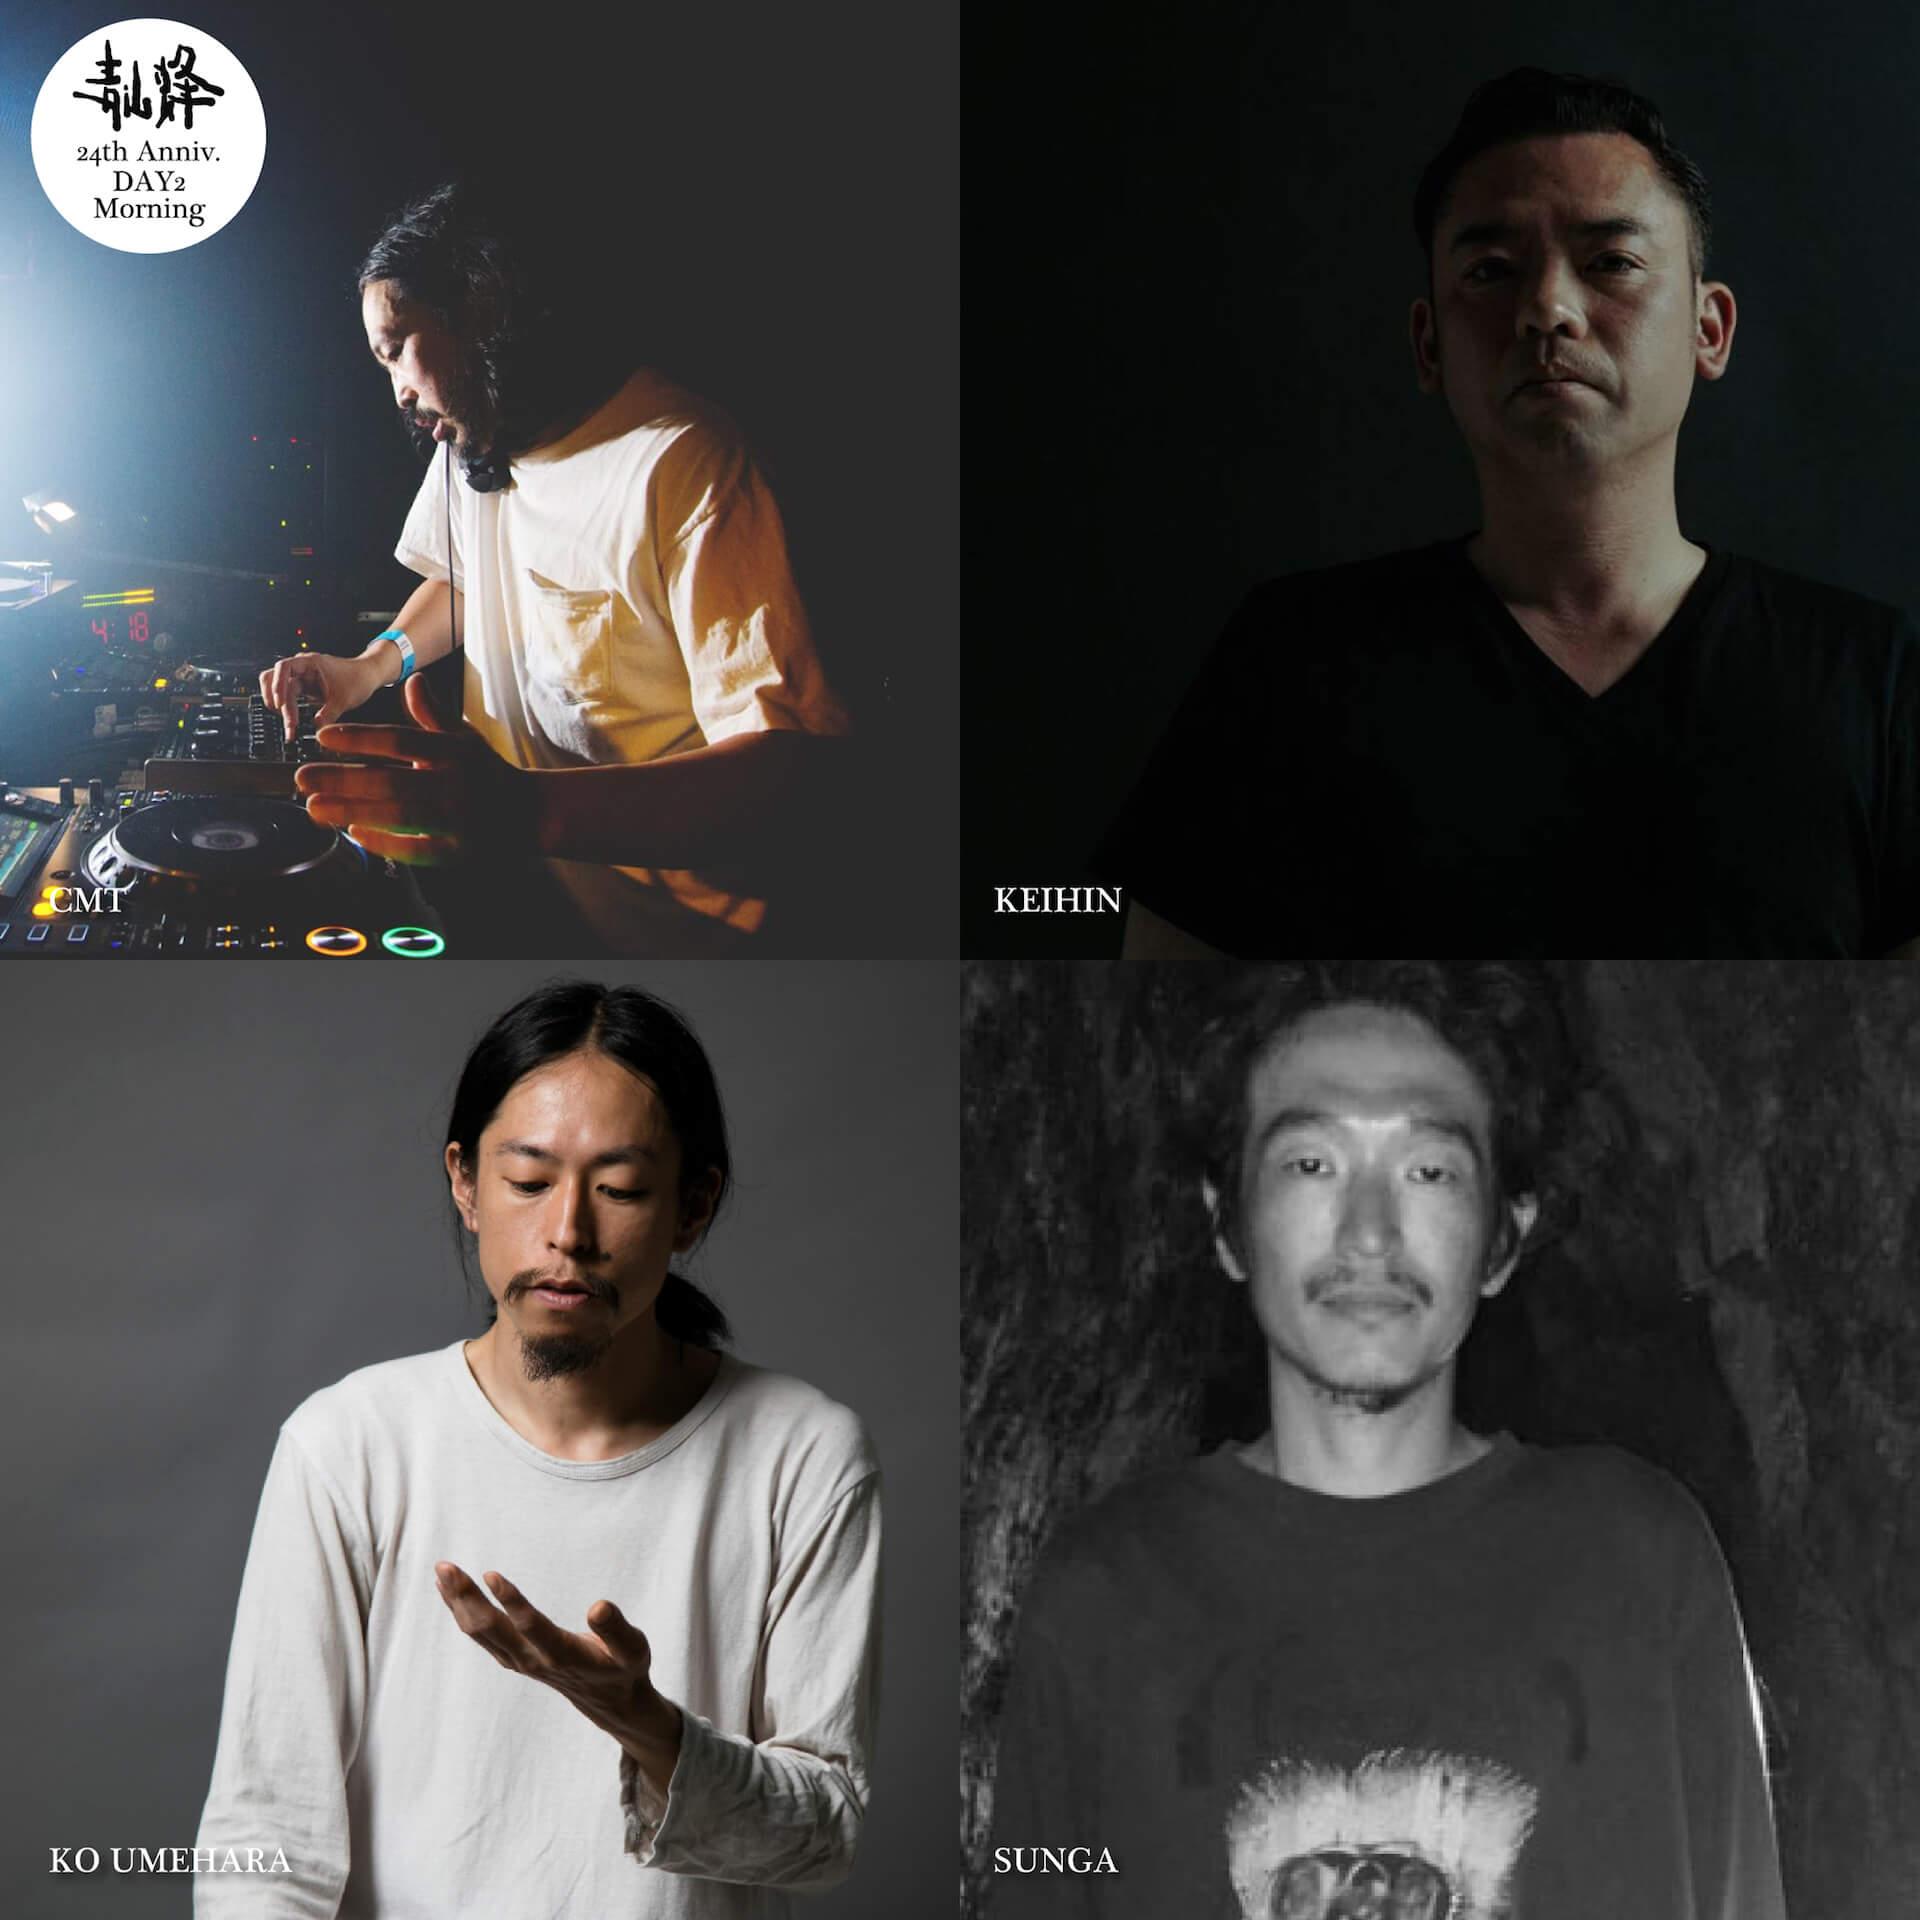 青山蜂が24周年!記念イベントが3日間に渡り開催|DJ KOCO a.k.a. Shimokita、Gonno、Yoshinori Hayashiらが登場 music191030_aoyamahachi_3